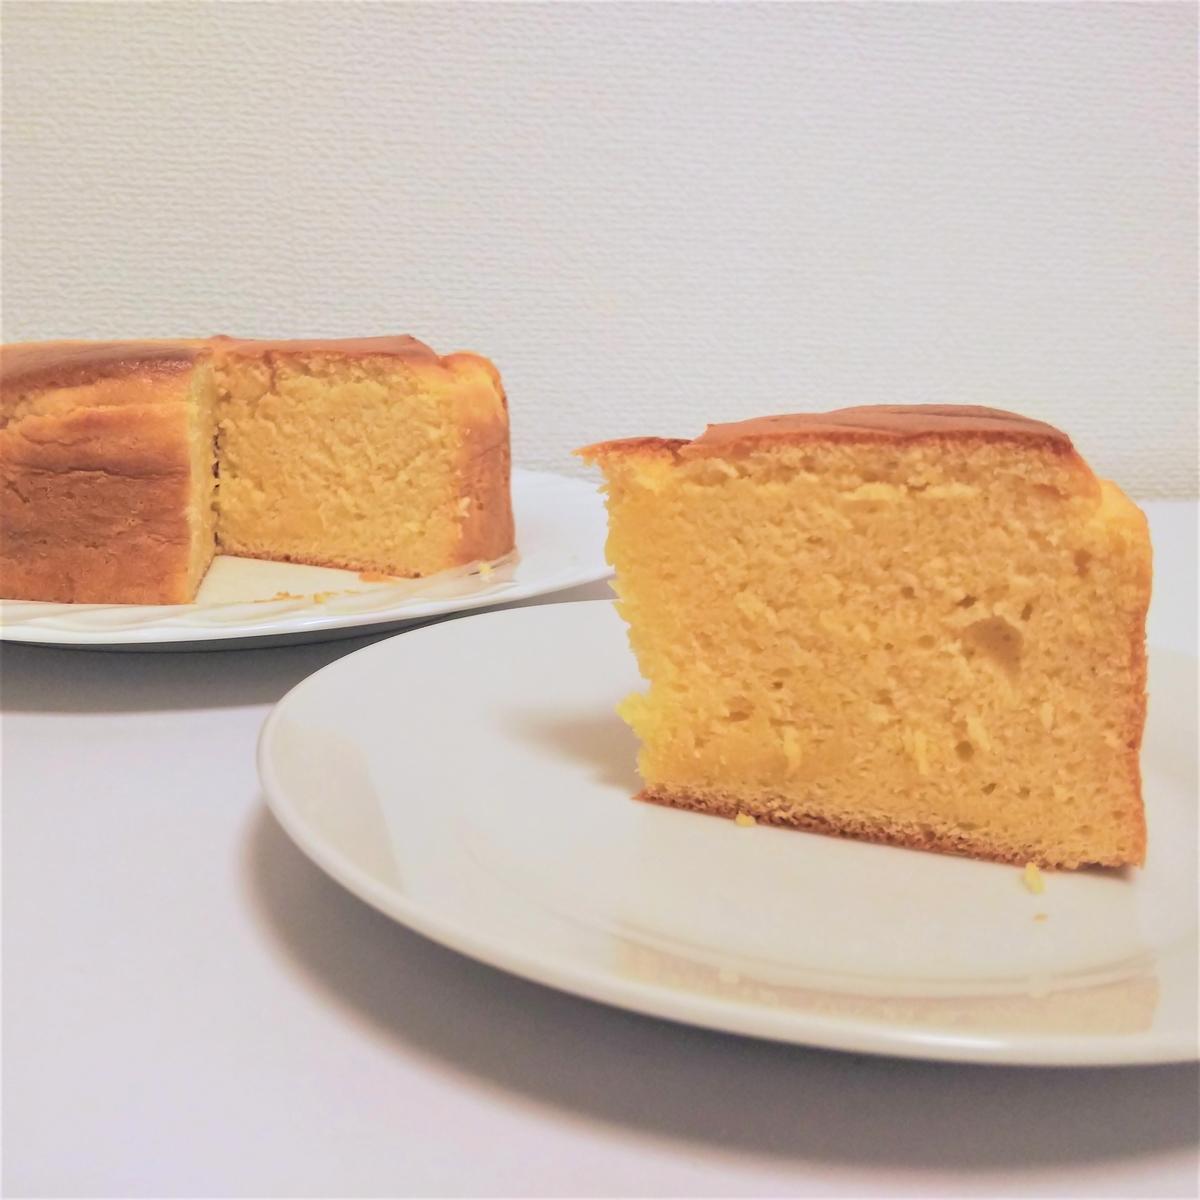 豆乳メレンゲで作る『卵白アレルギー用スポンジケーキ』